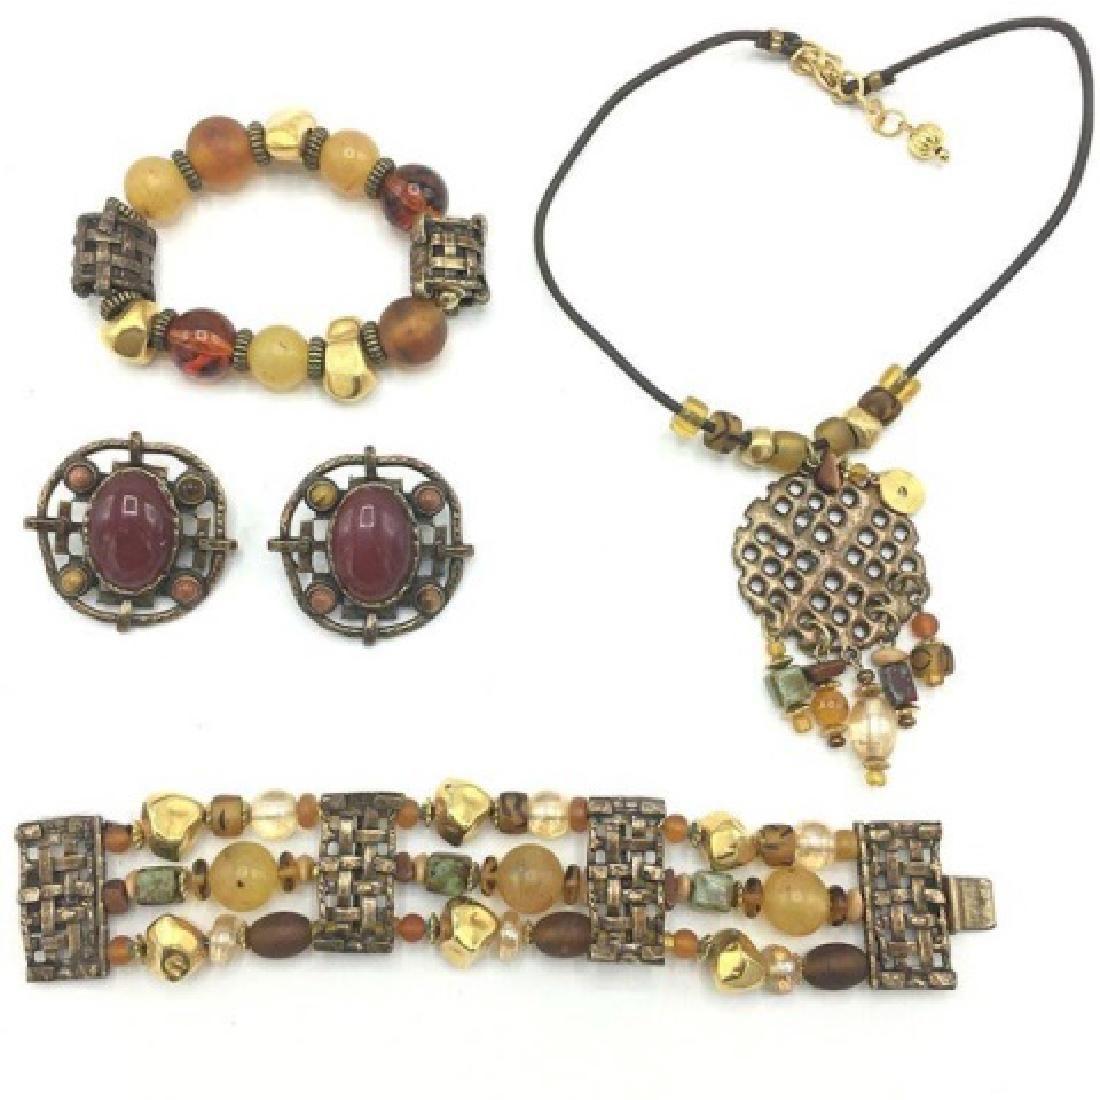 Vintage 80s Ethnic Costume Jewelry - Stone & Glass